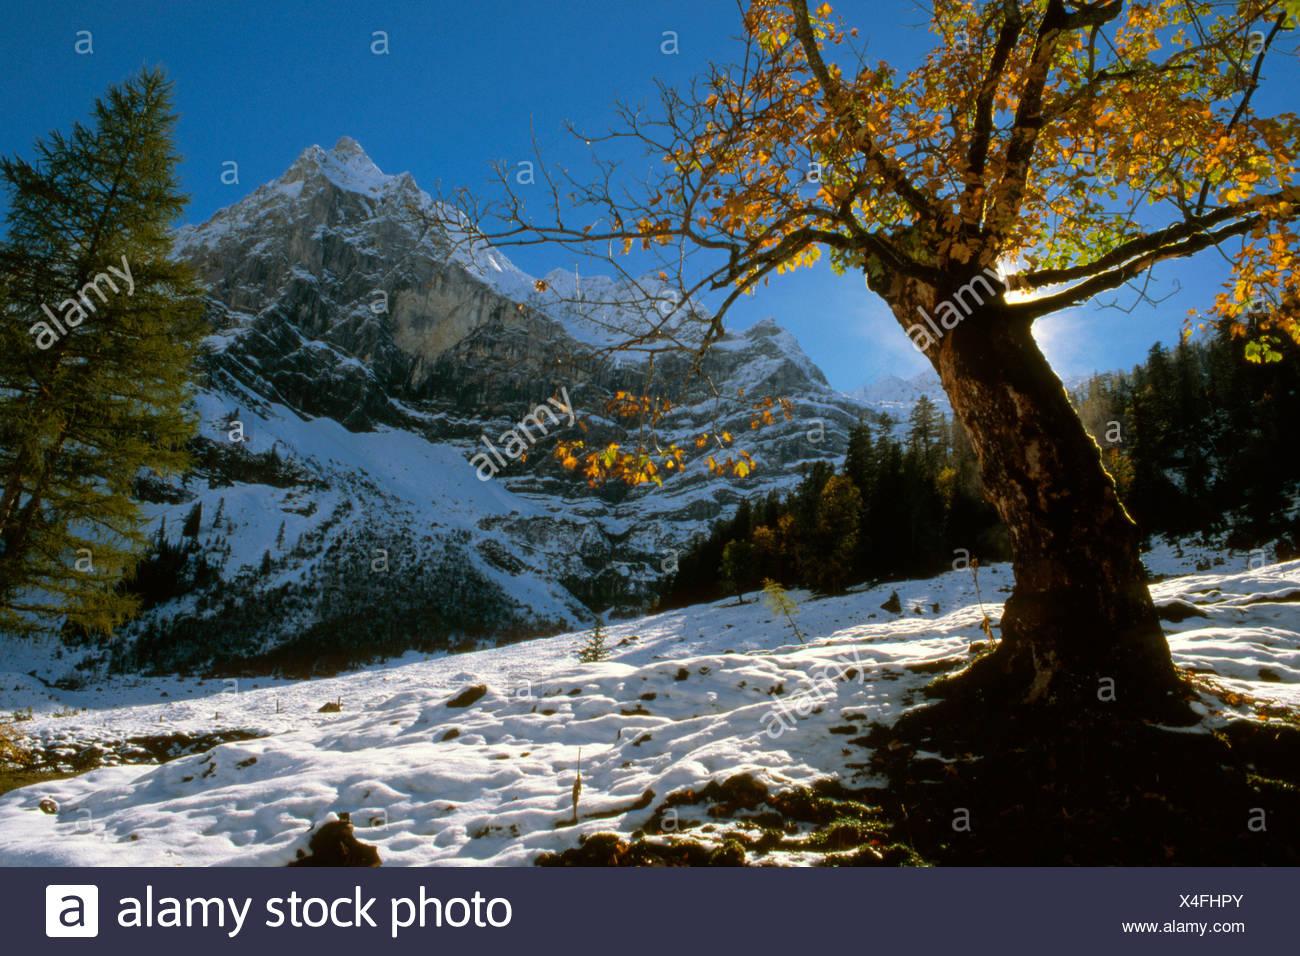 Sycamore Maple (Acer pseudoplatanus) tree, Grosser Ahornboden, Karwendel Range, Tirol, Austria Stock Photo